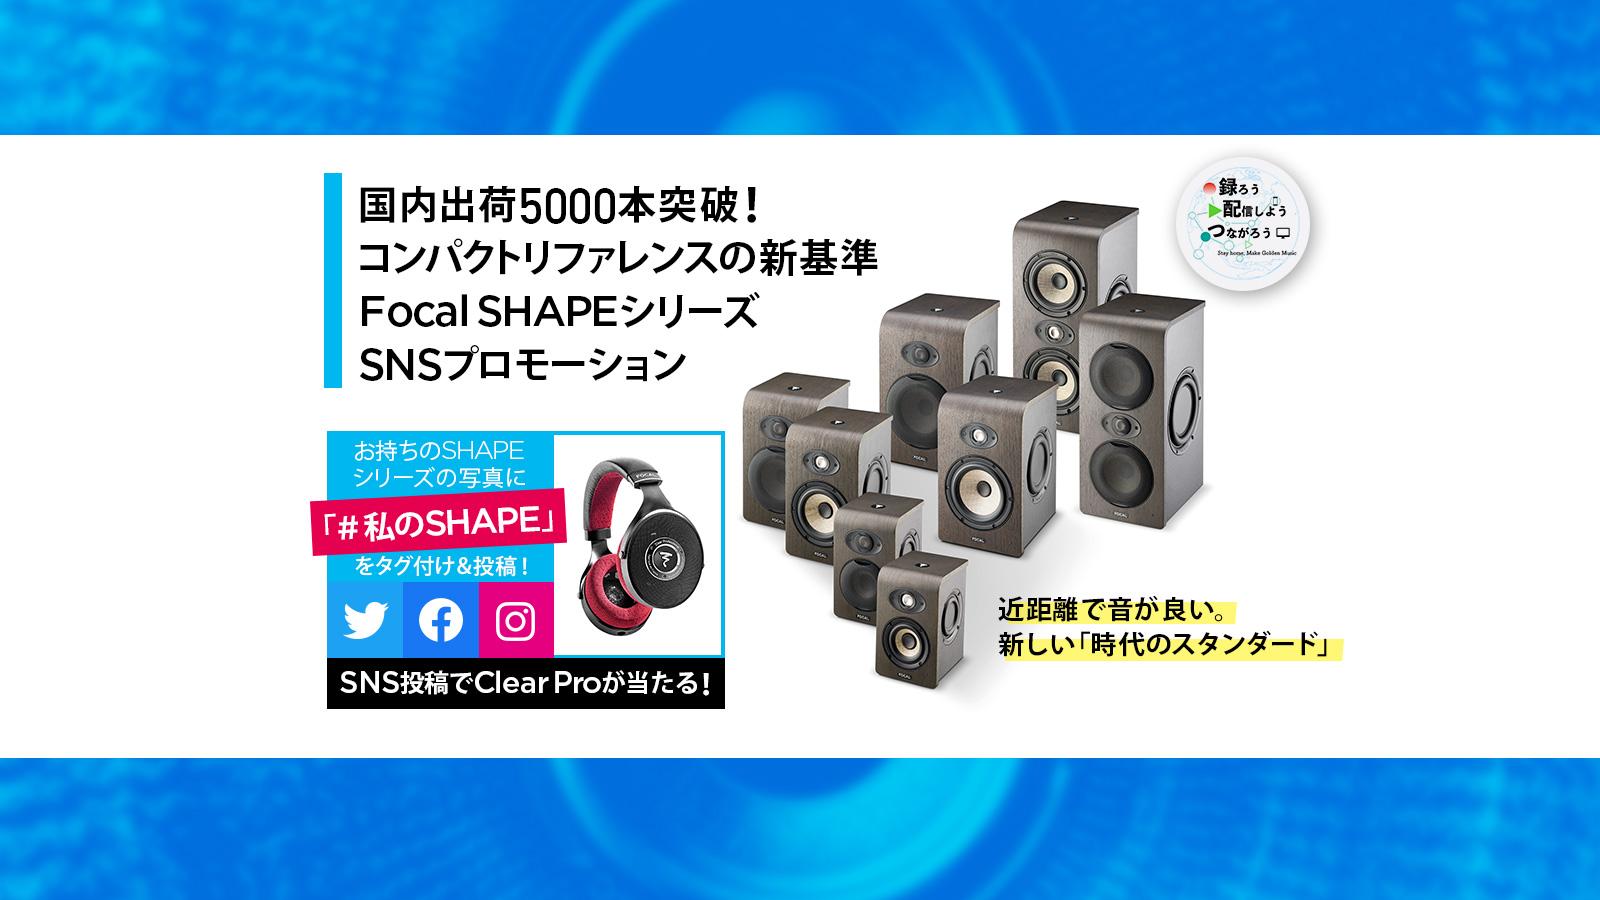 国内出荷5000本突破!Focal Shapeシリーズ 「#私のSHAPE」ハッシュタグ・プロモーション!